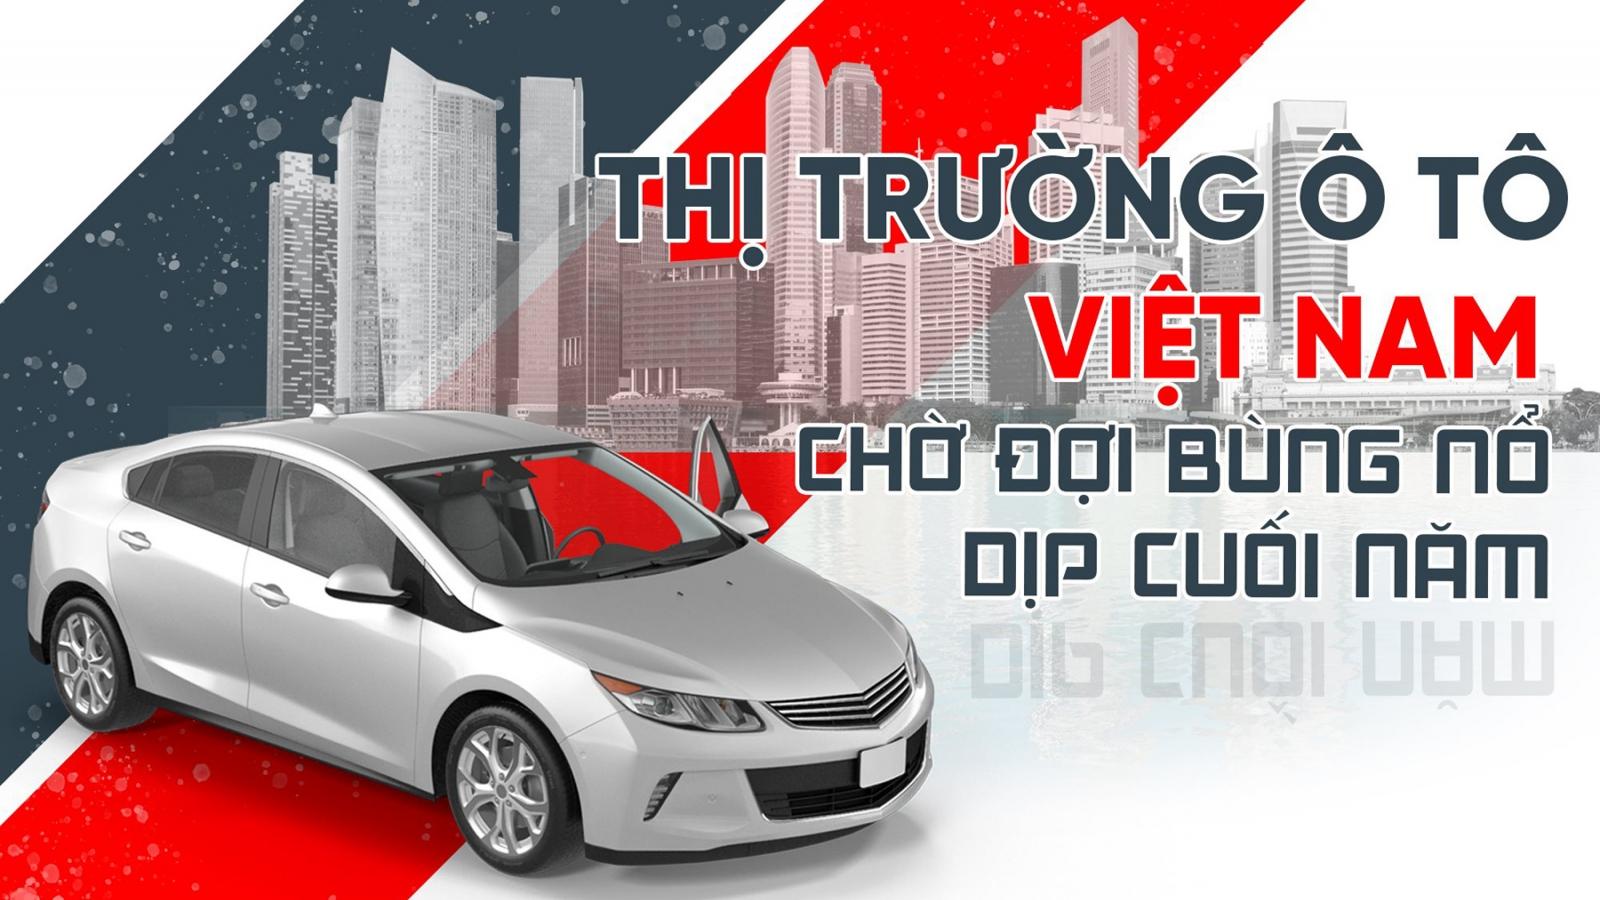 Thị trường ô tô Việt Nam chờ đợi bùng nổ dịp cuối năm